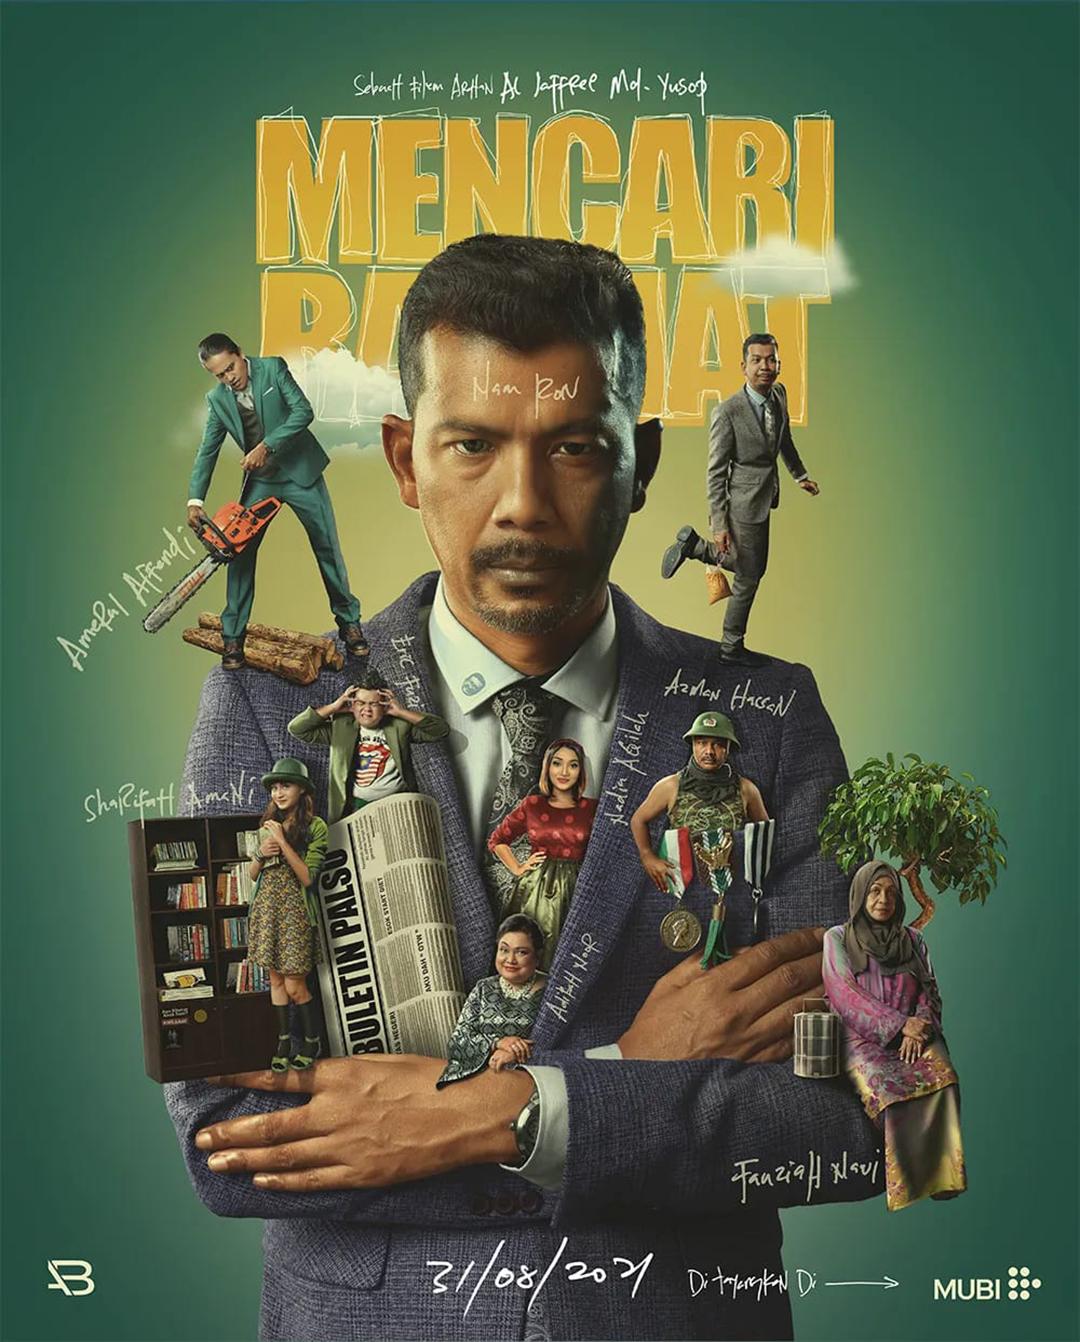 Filem Mencari Rahmat MUBI